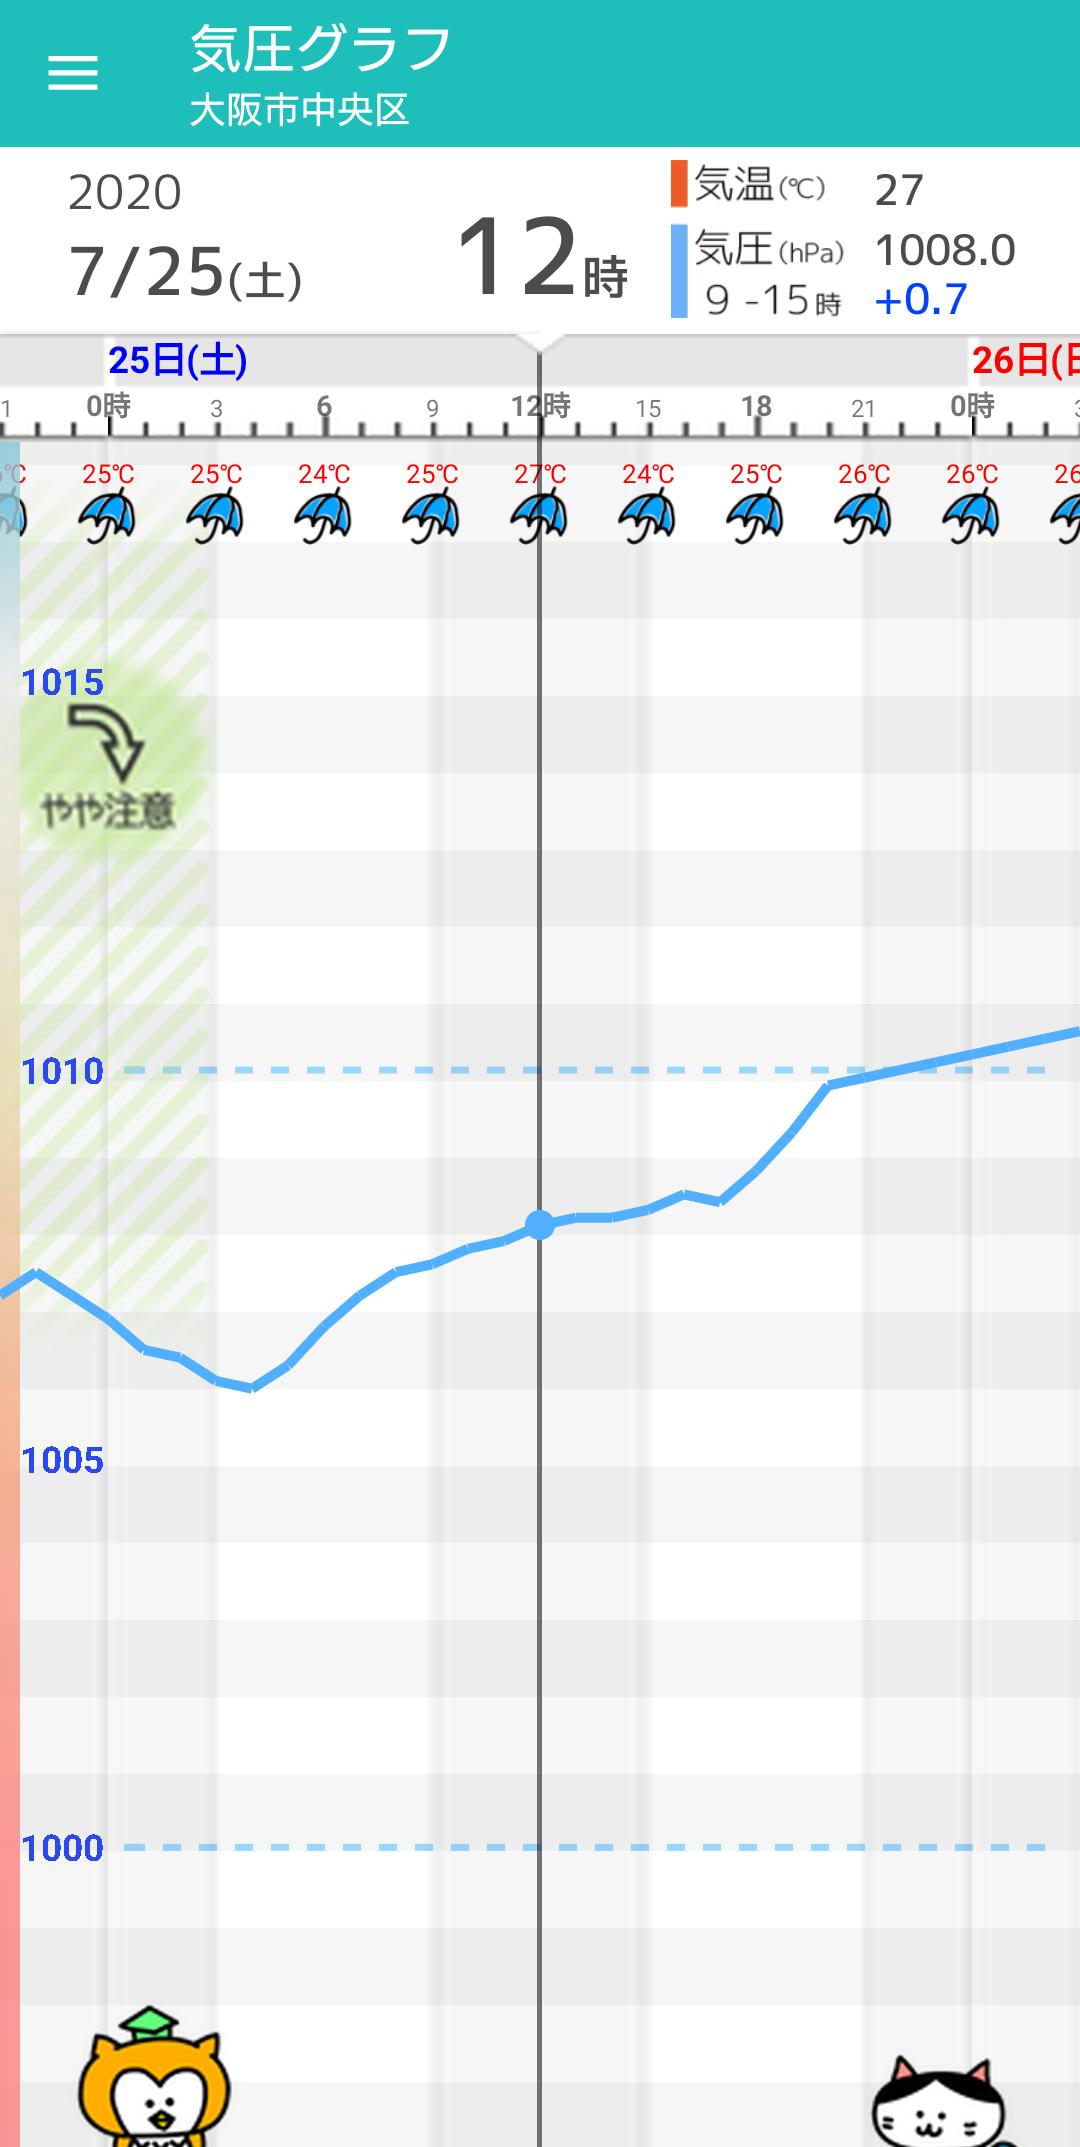 大阪 梅雨明けいつ 気象庁 令和3年の梅雨入りと梅雨明け(速報値)